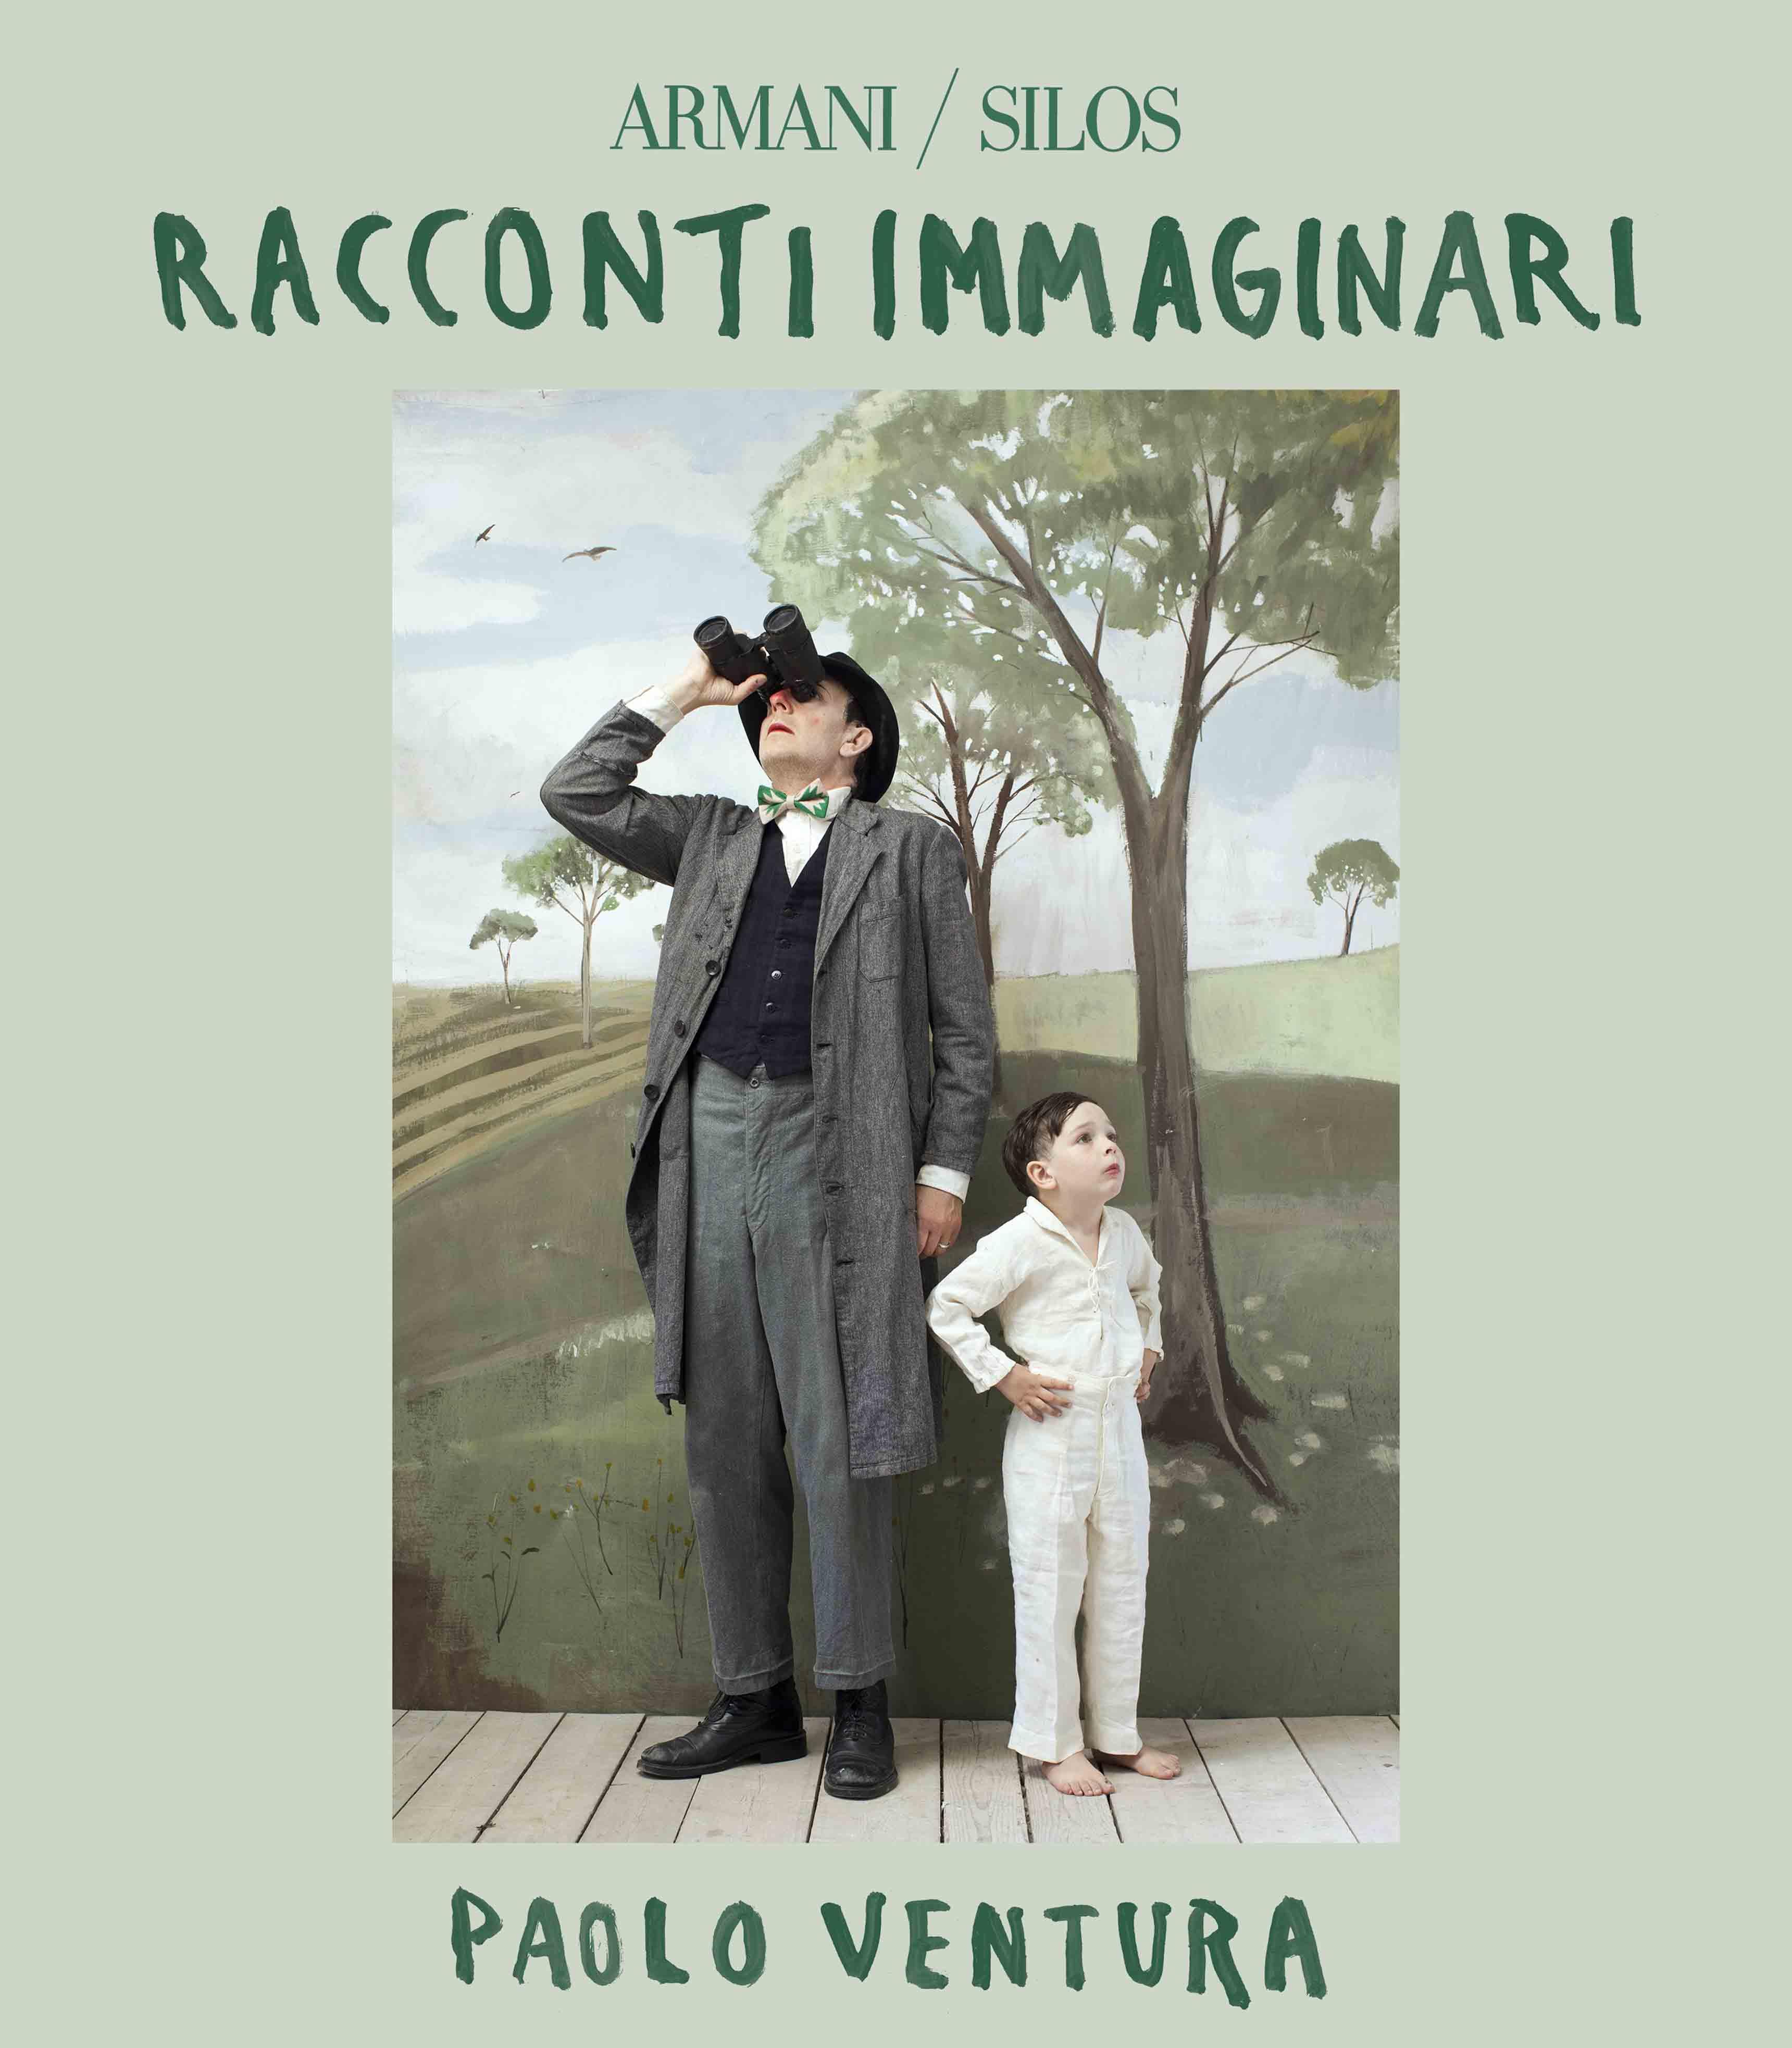 Armani Silos, Racconti Immaginari, Paolo Ventura - Courtesy of Giorgio Armani